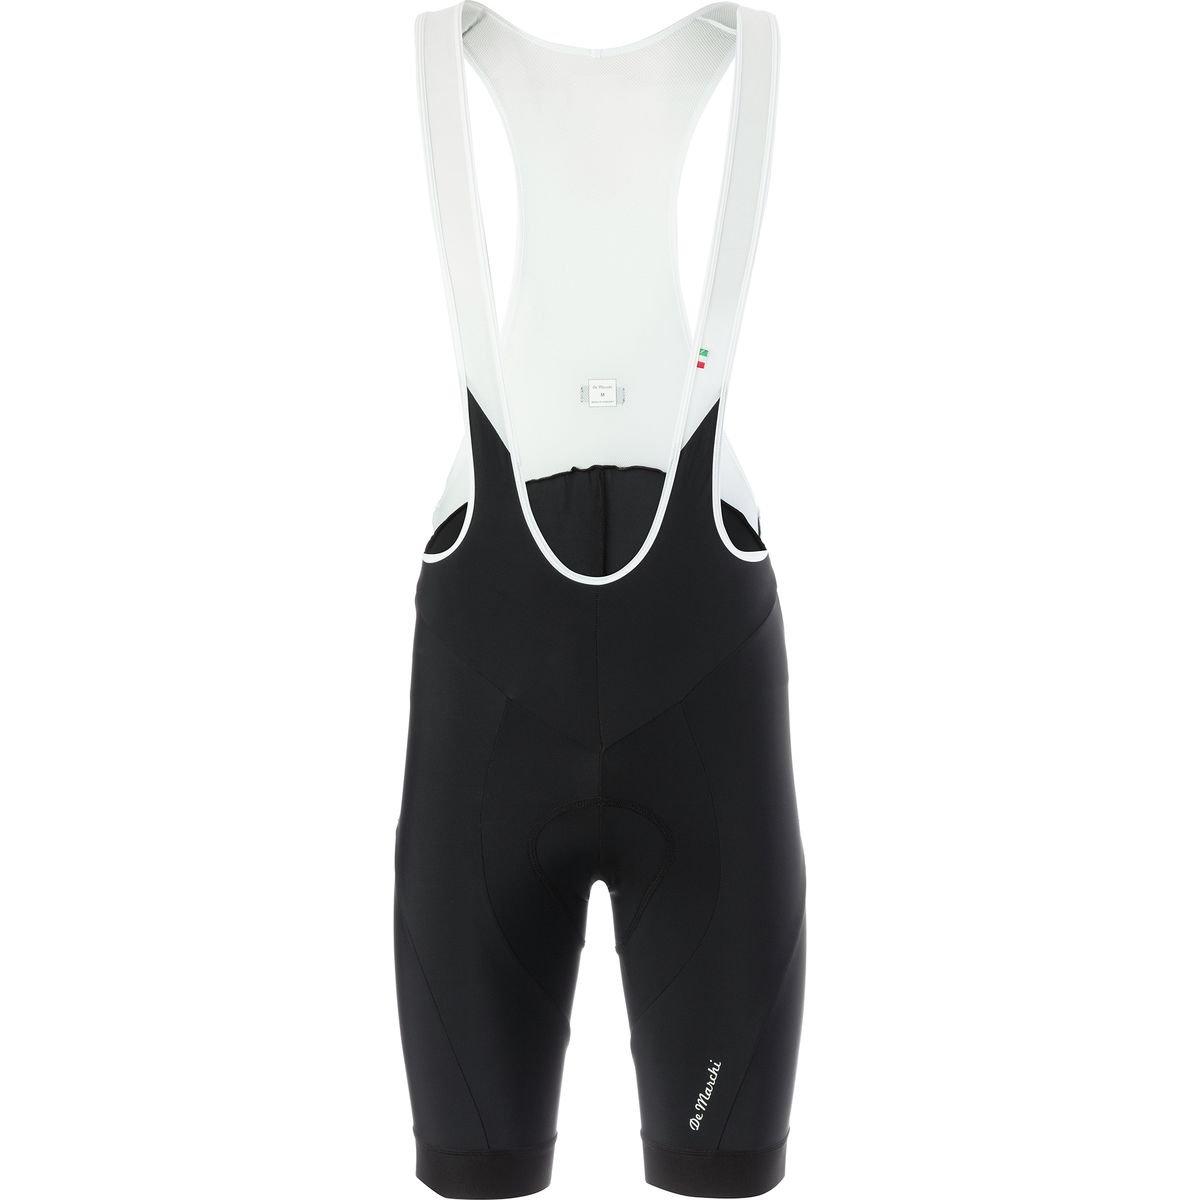 de marchi legend bib shorts